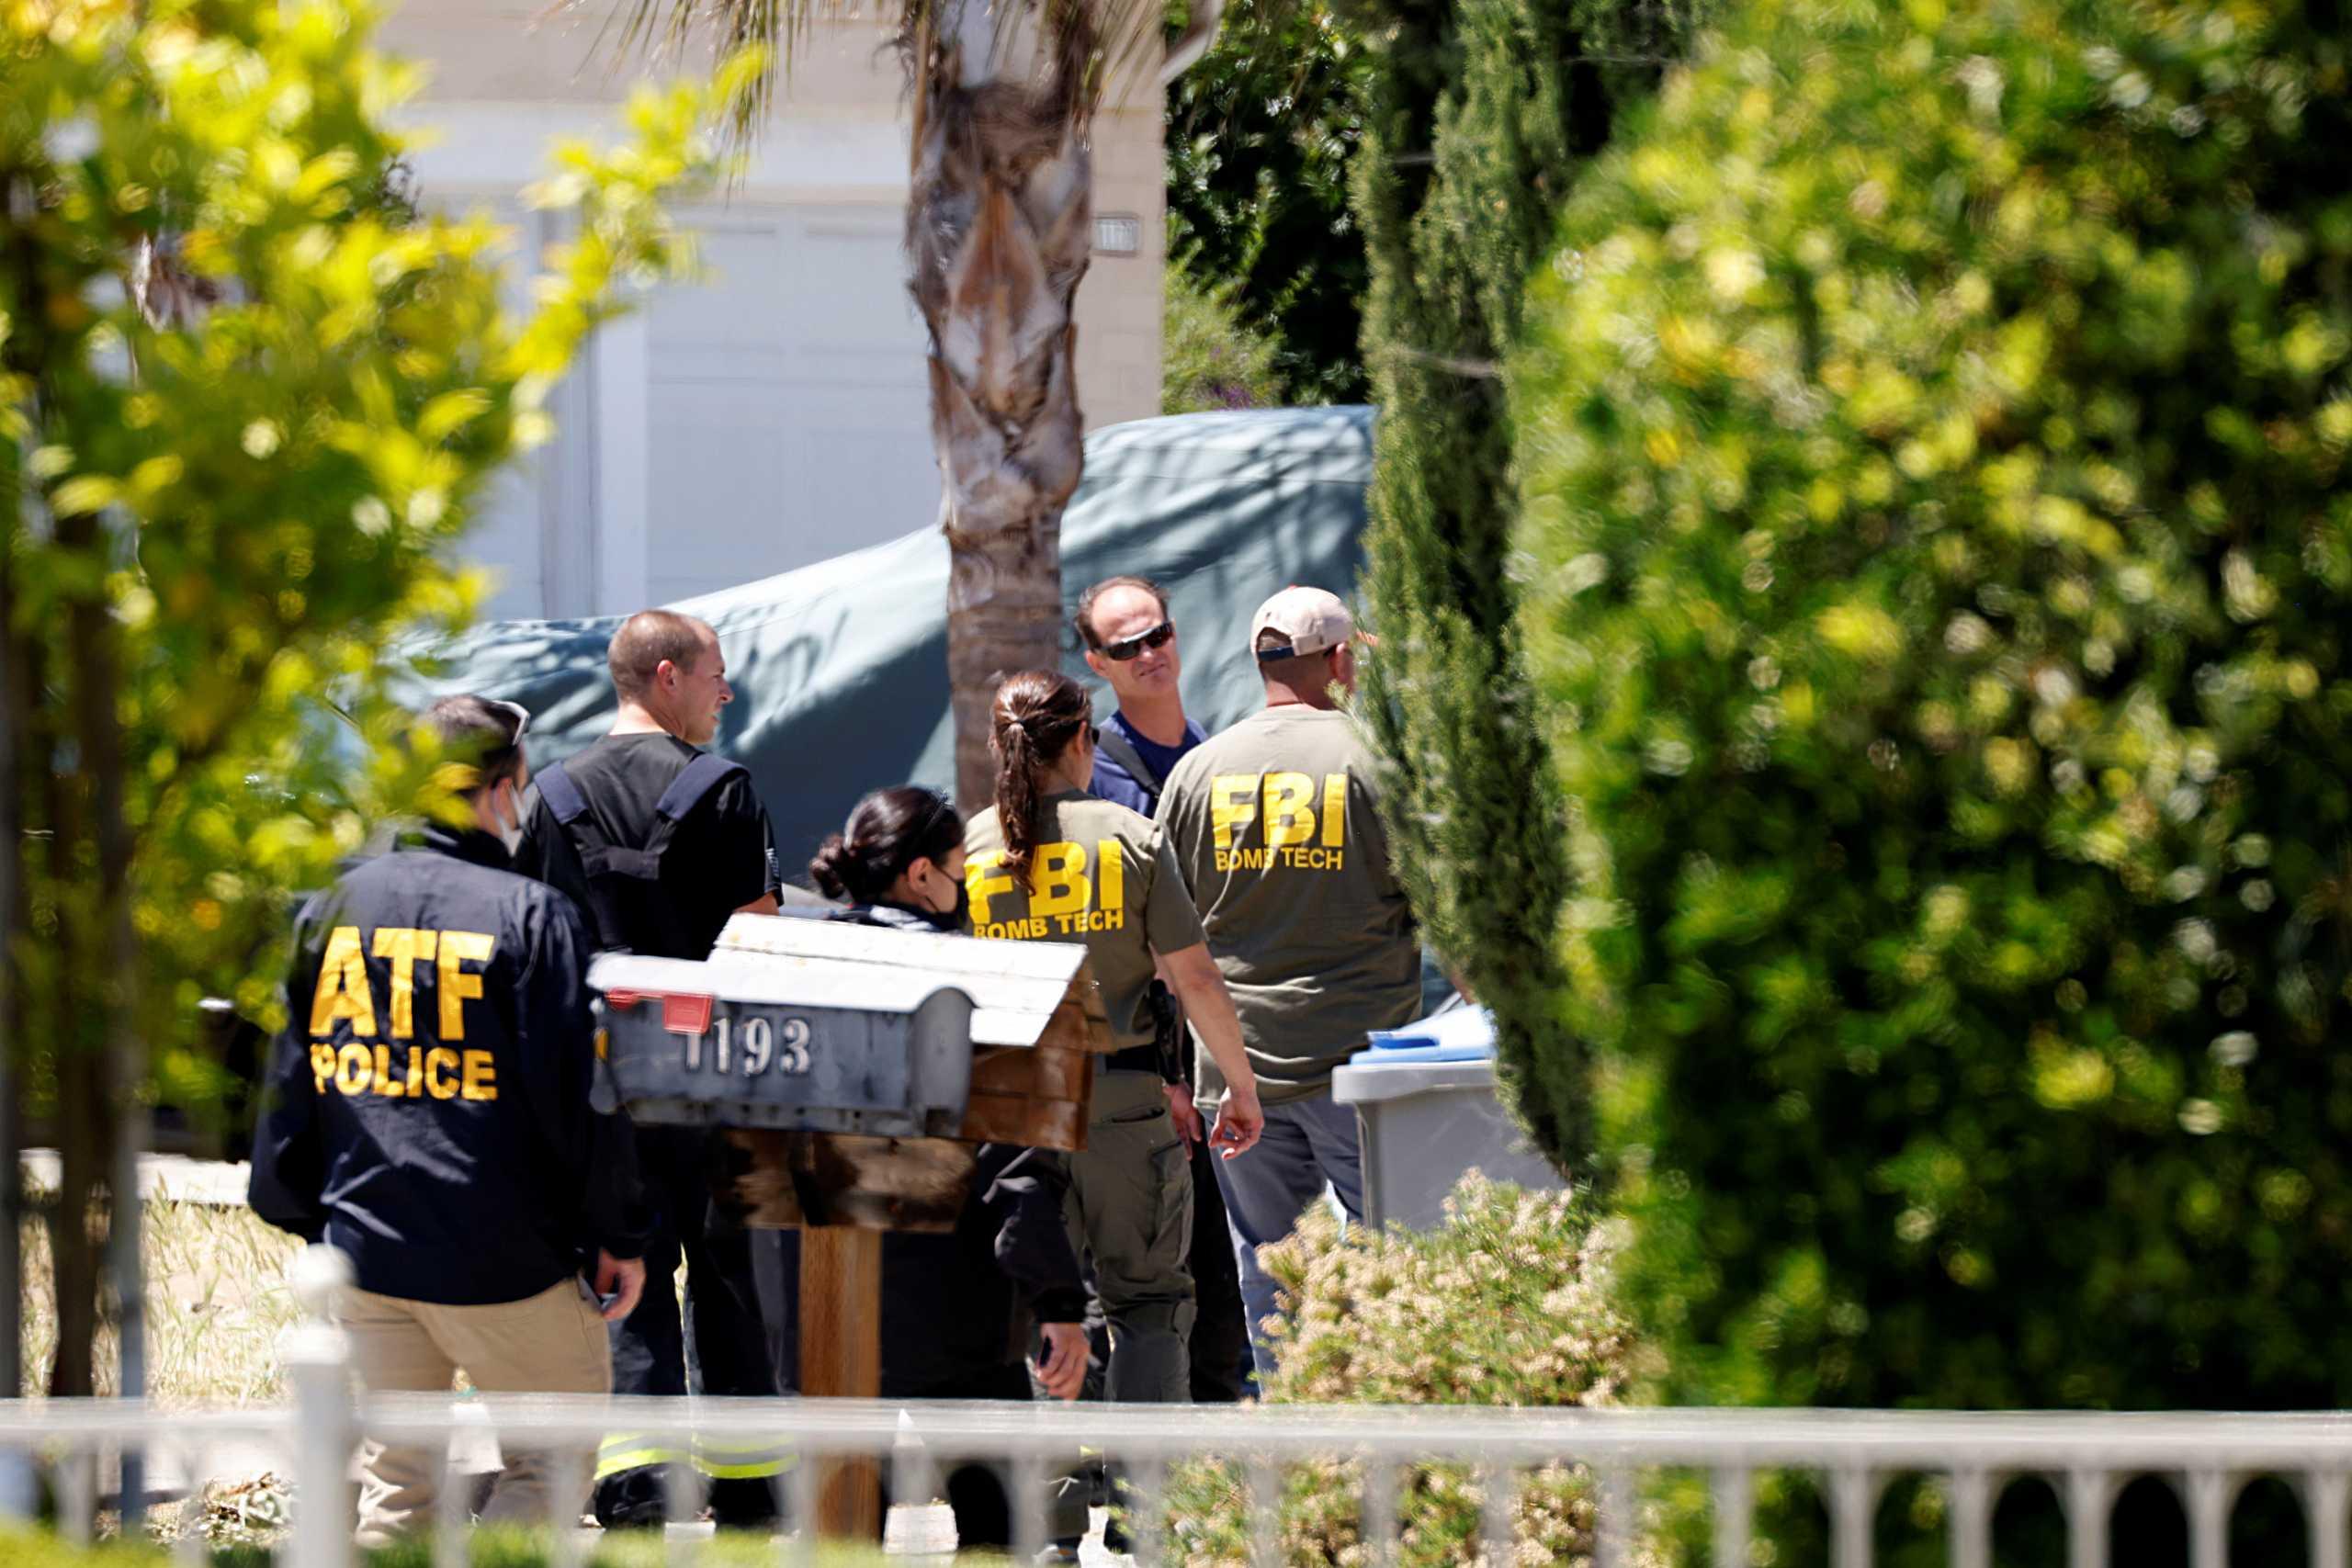 Καλιφόρνια: Αστυνομία και FBI αναζητούν το κίνητρο του δράστη που σκότωσε 9 συναδέλφους του (pics)